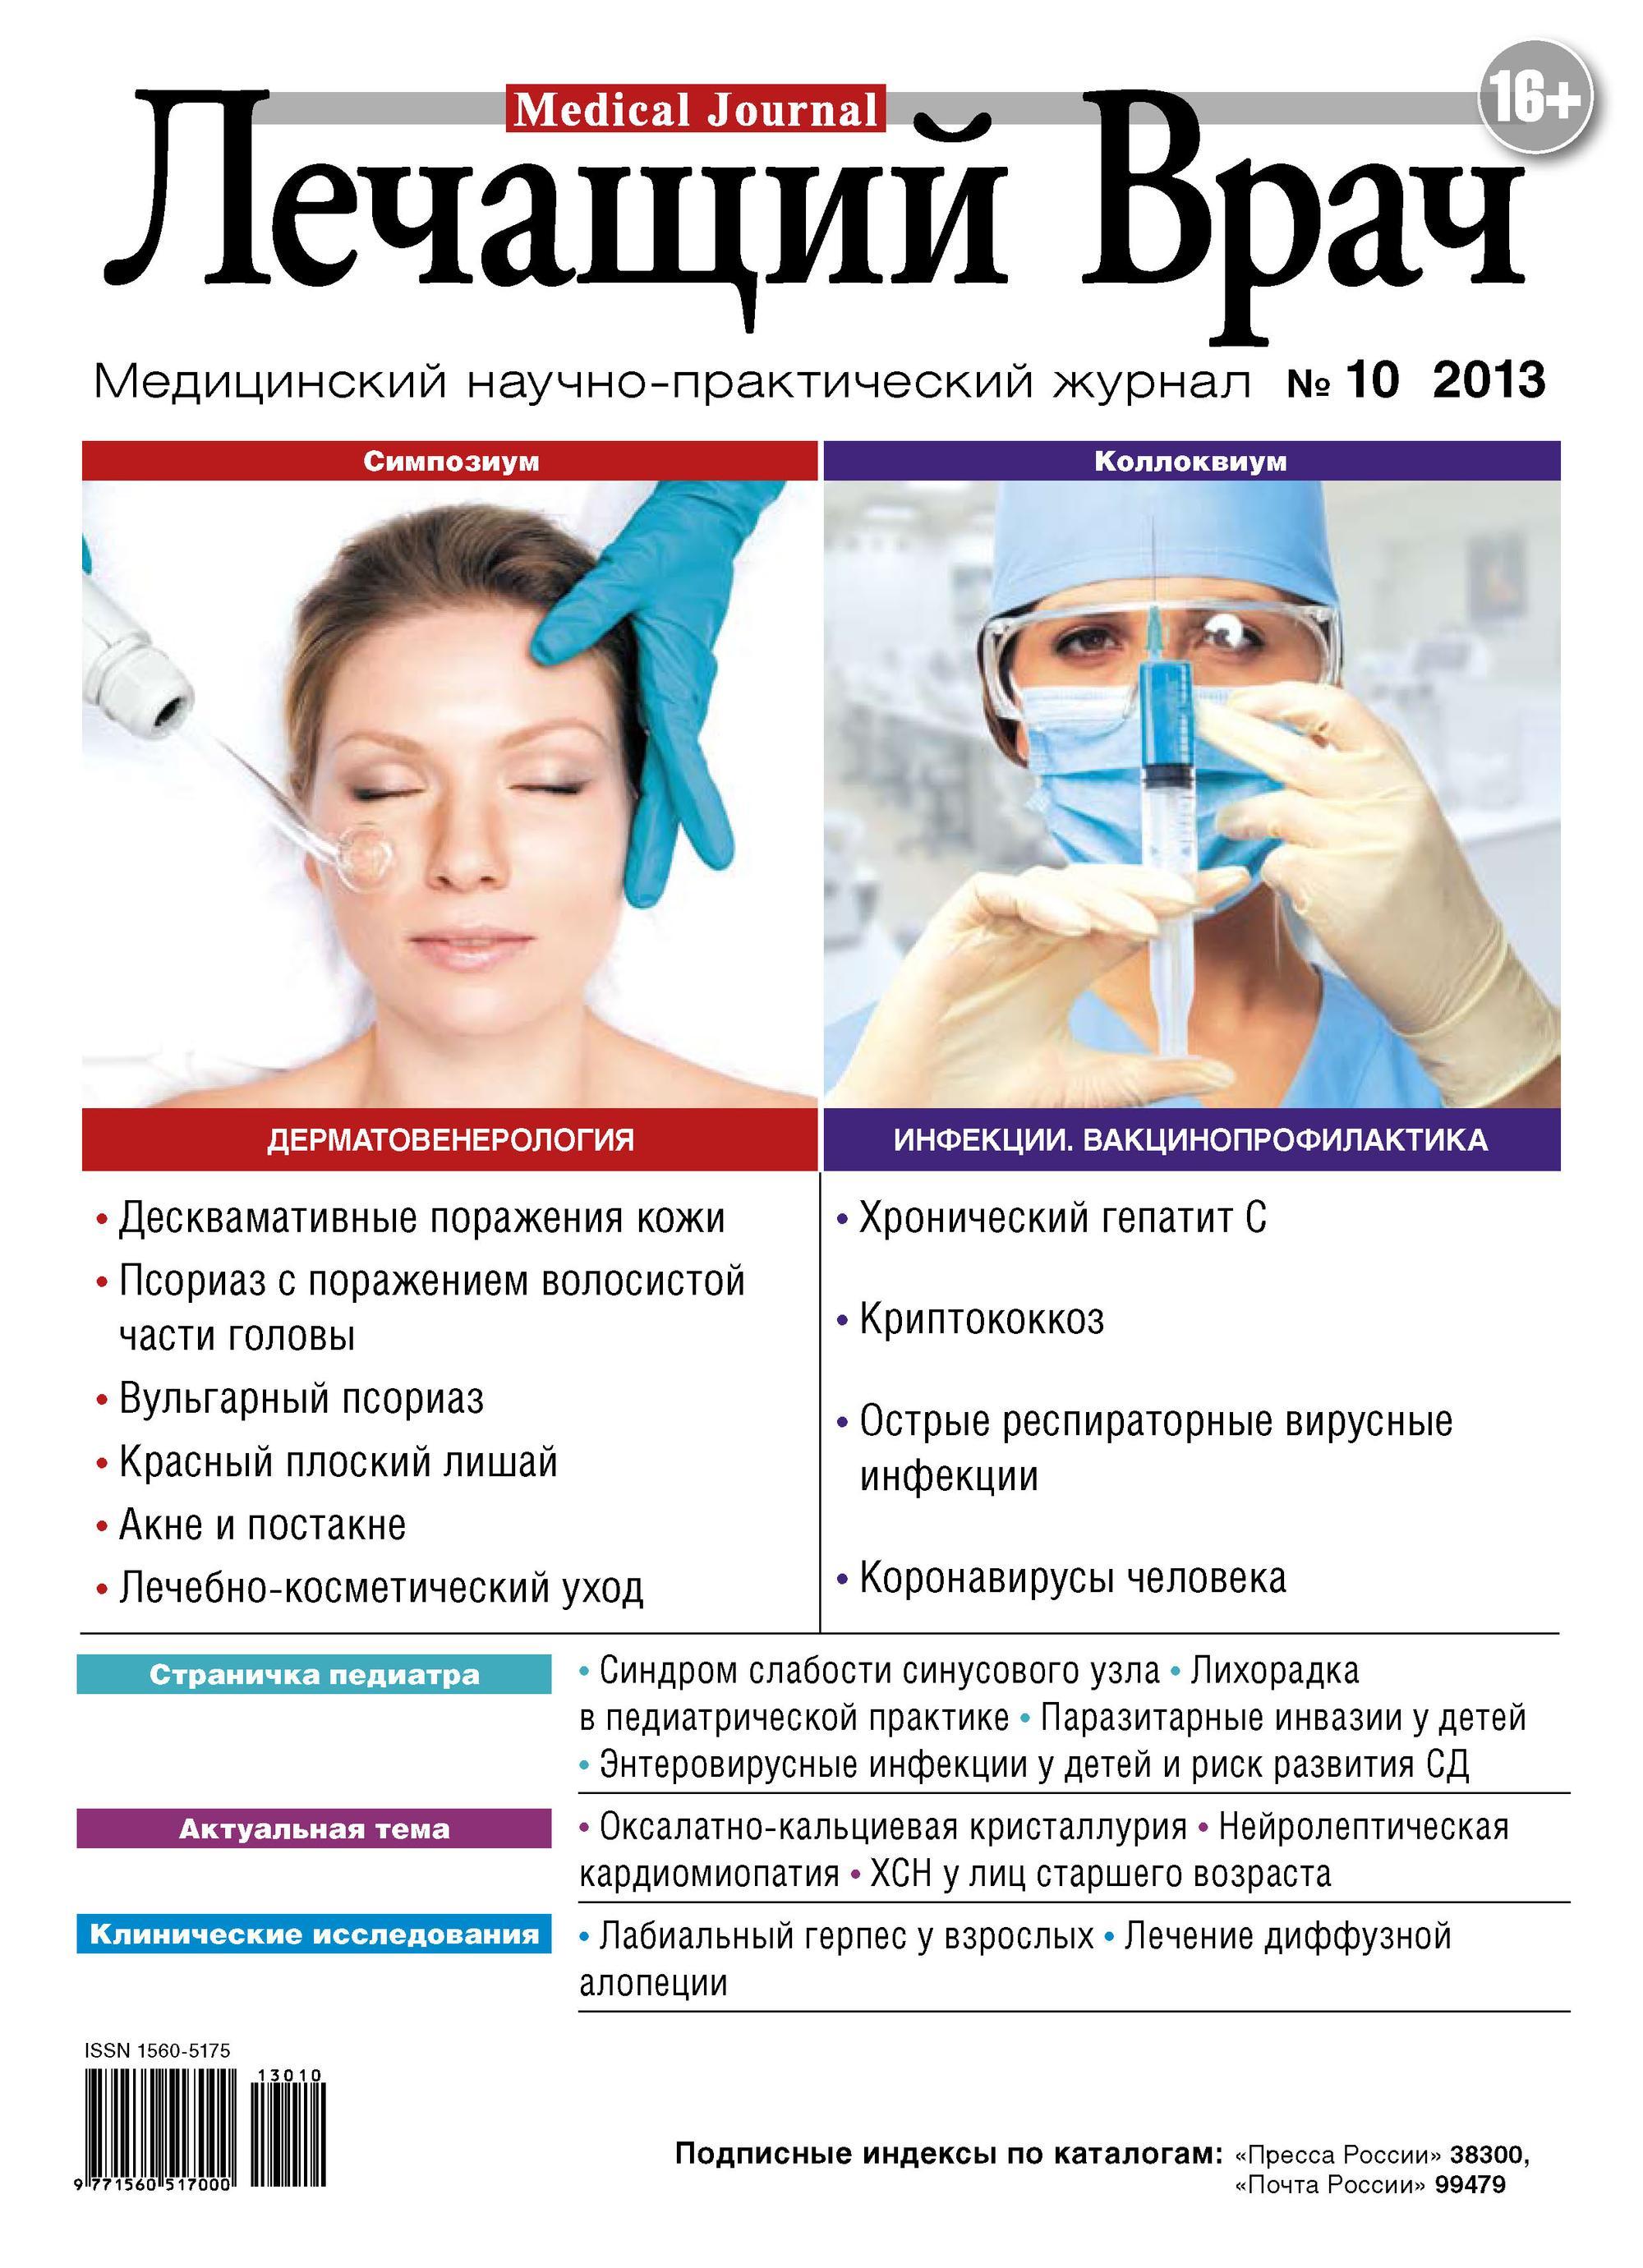 Открытые системы Журнал «Лечащий Врач» №10/2013 открытые системы журнал лечащий врач 02 2013